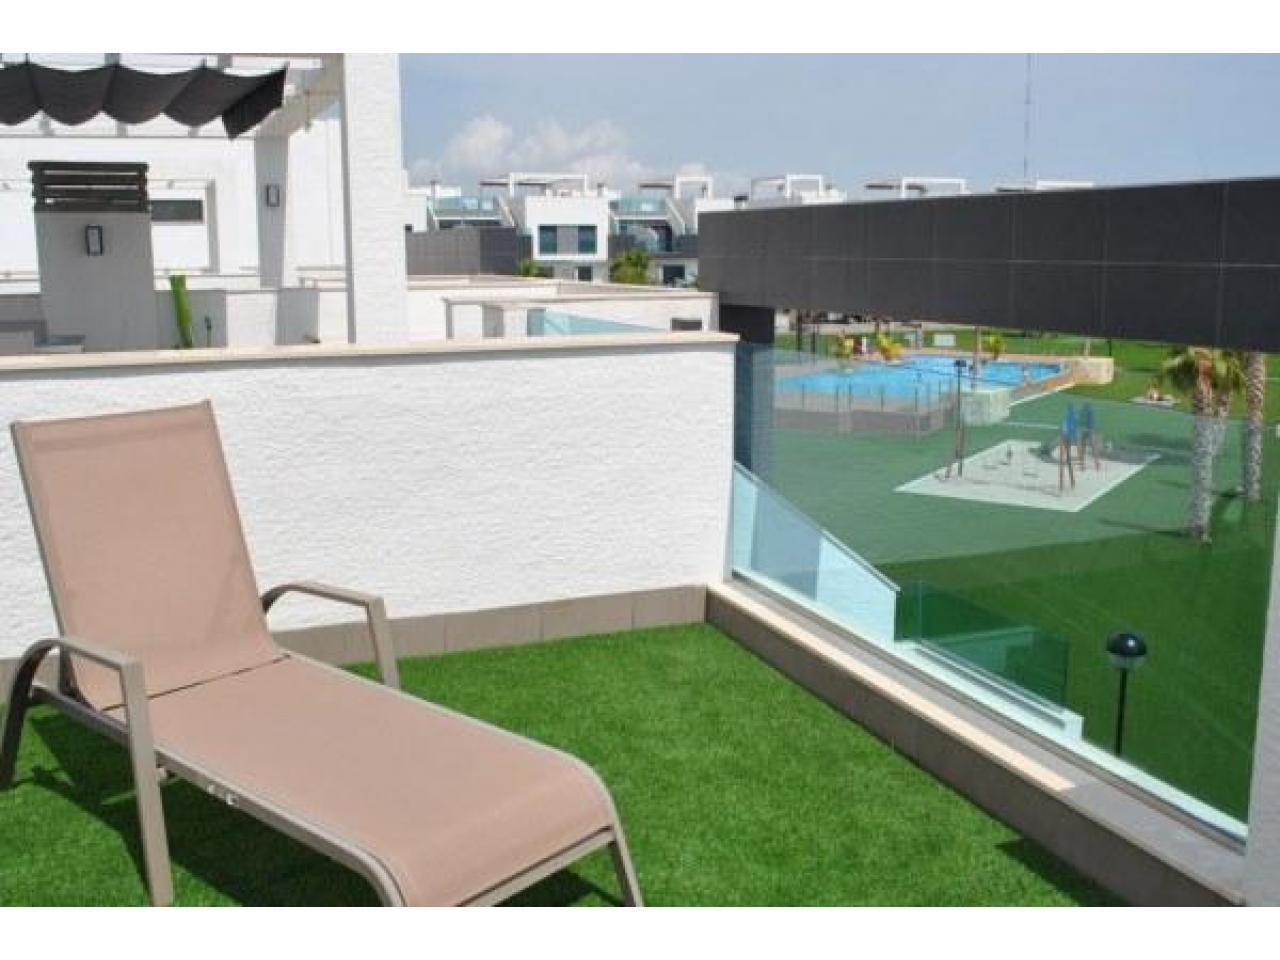 Недвижимость в Испании, Новые квартиры от застройщика в Гуардамар,Коста Бланка,Испания - 3